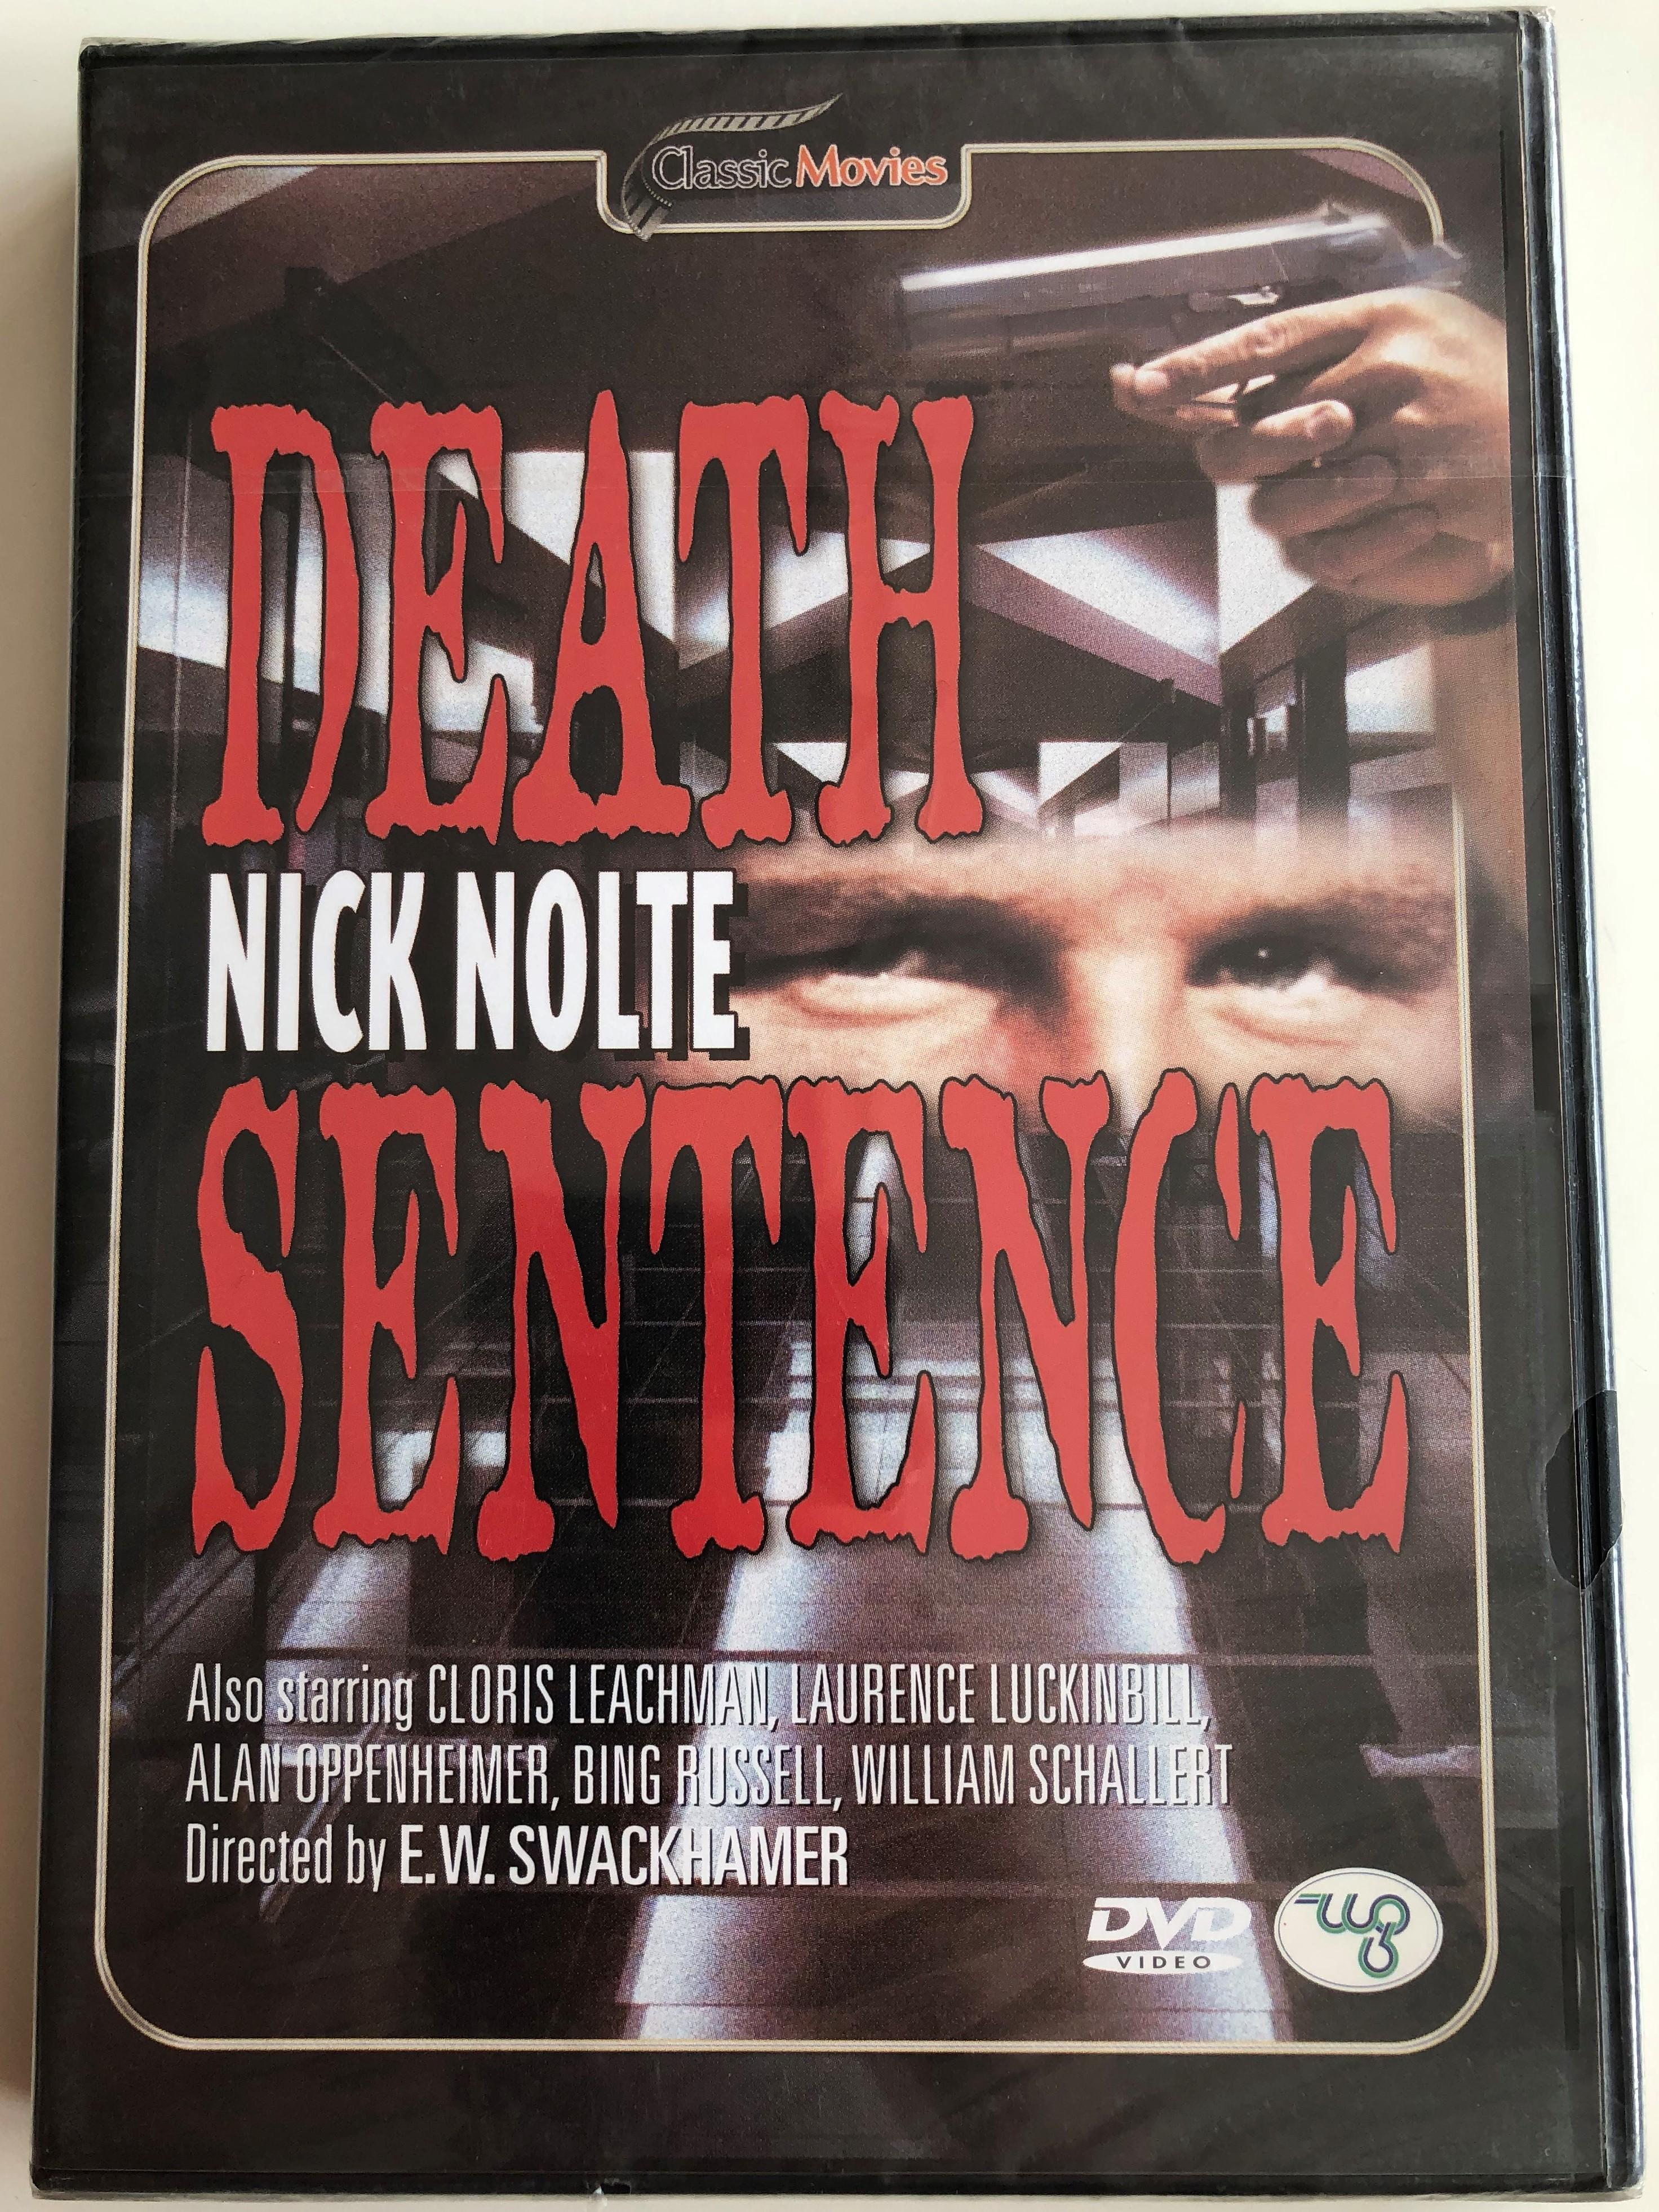 death-sentence-dvd-1974-directed-by-e.w.-swackhamer-1.jpg